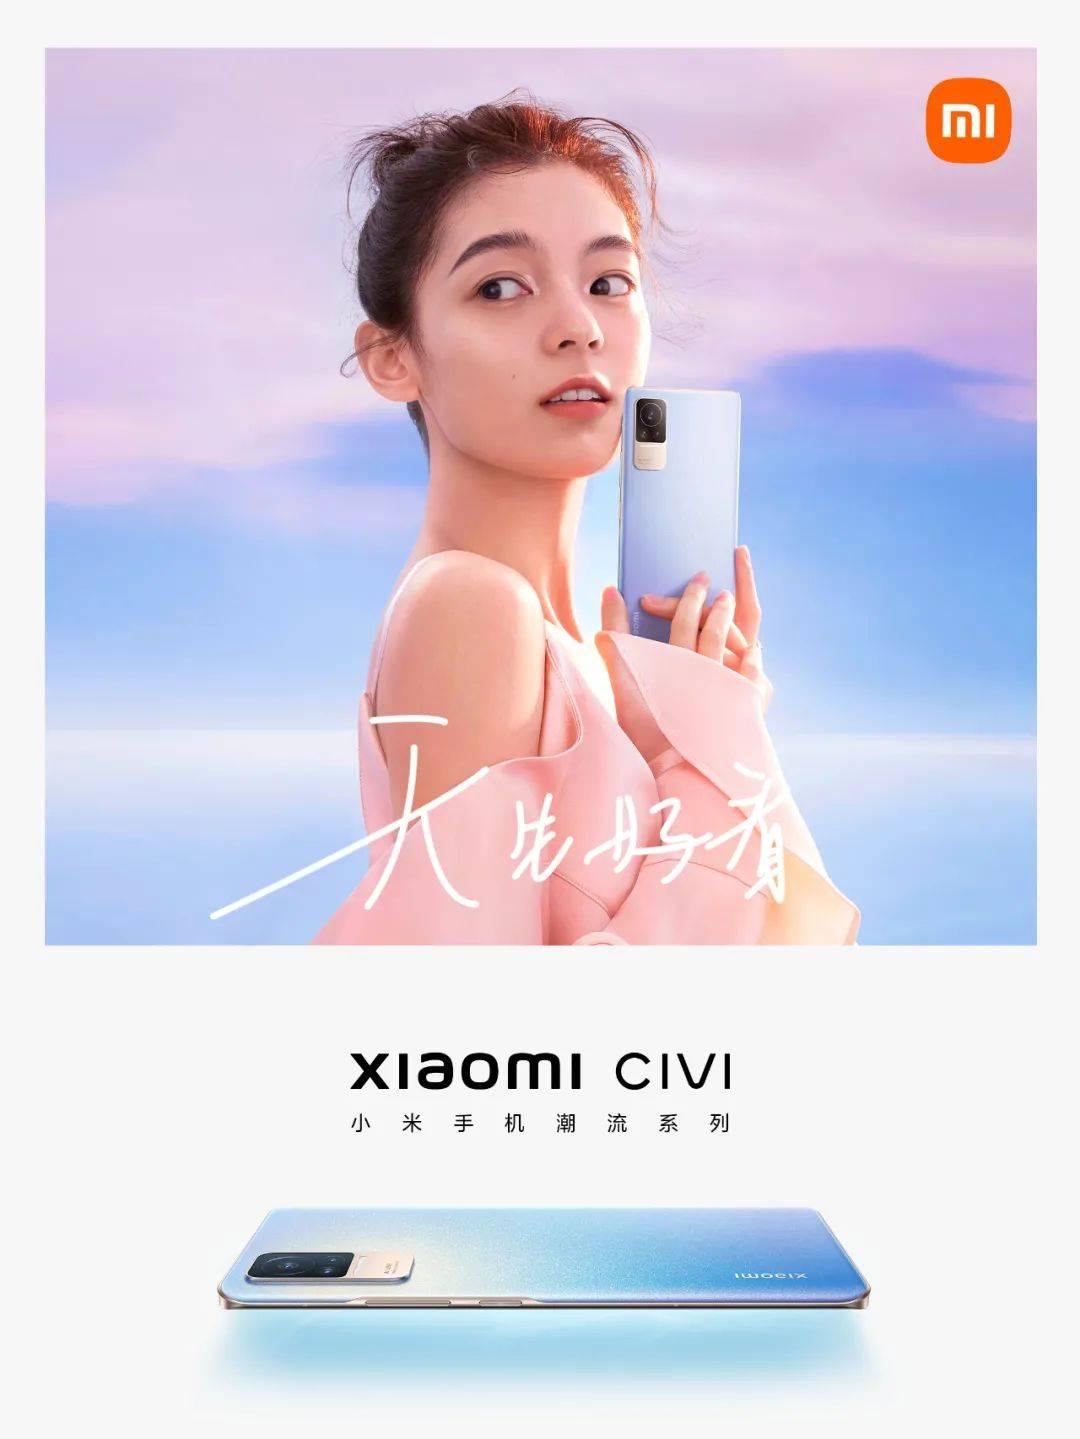 小米Civi真机上手 外观打几分?小米史上颜值之最稳了